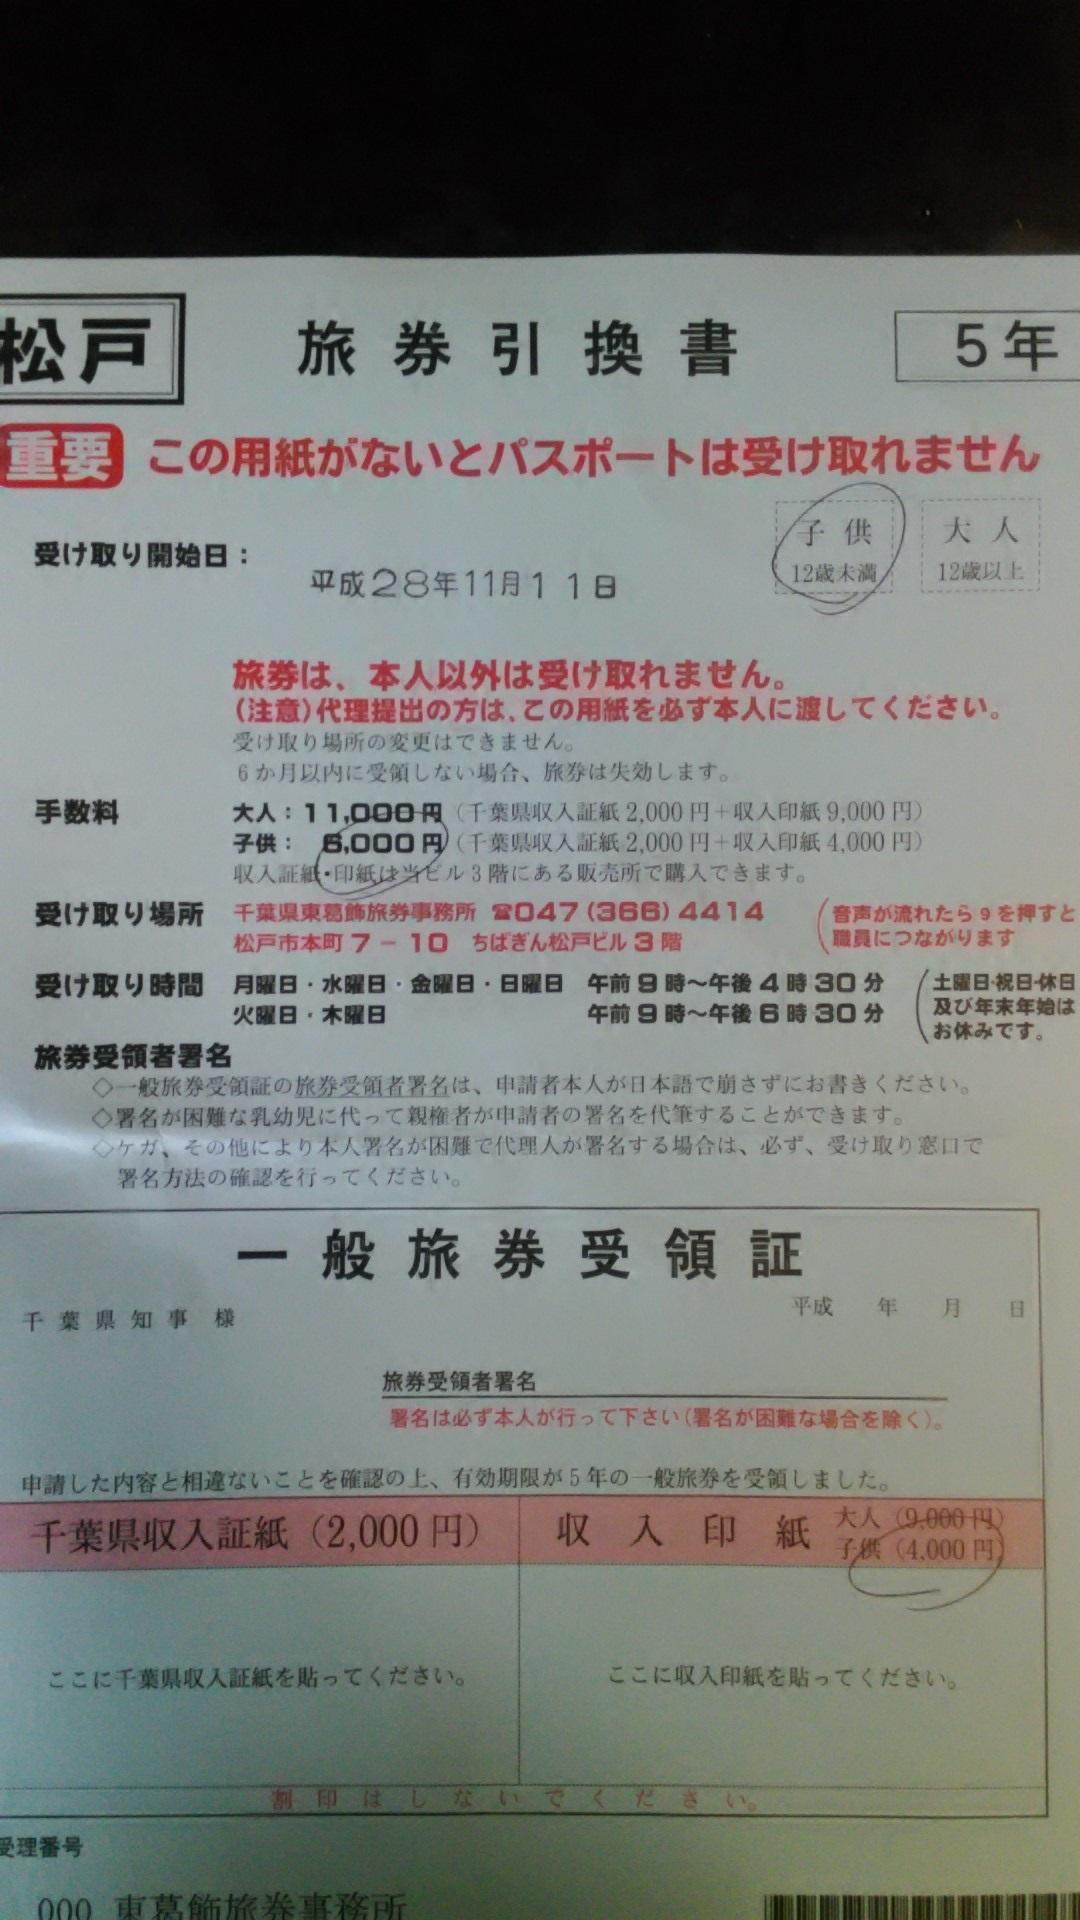 千葉 旅券 事務 所